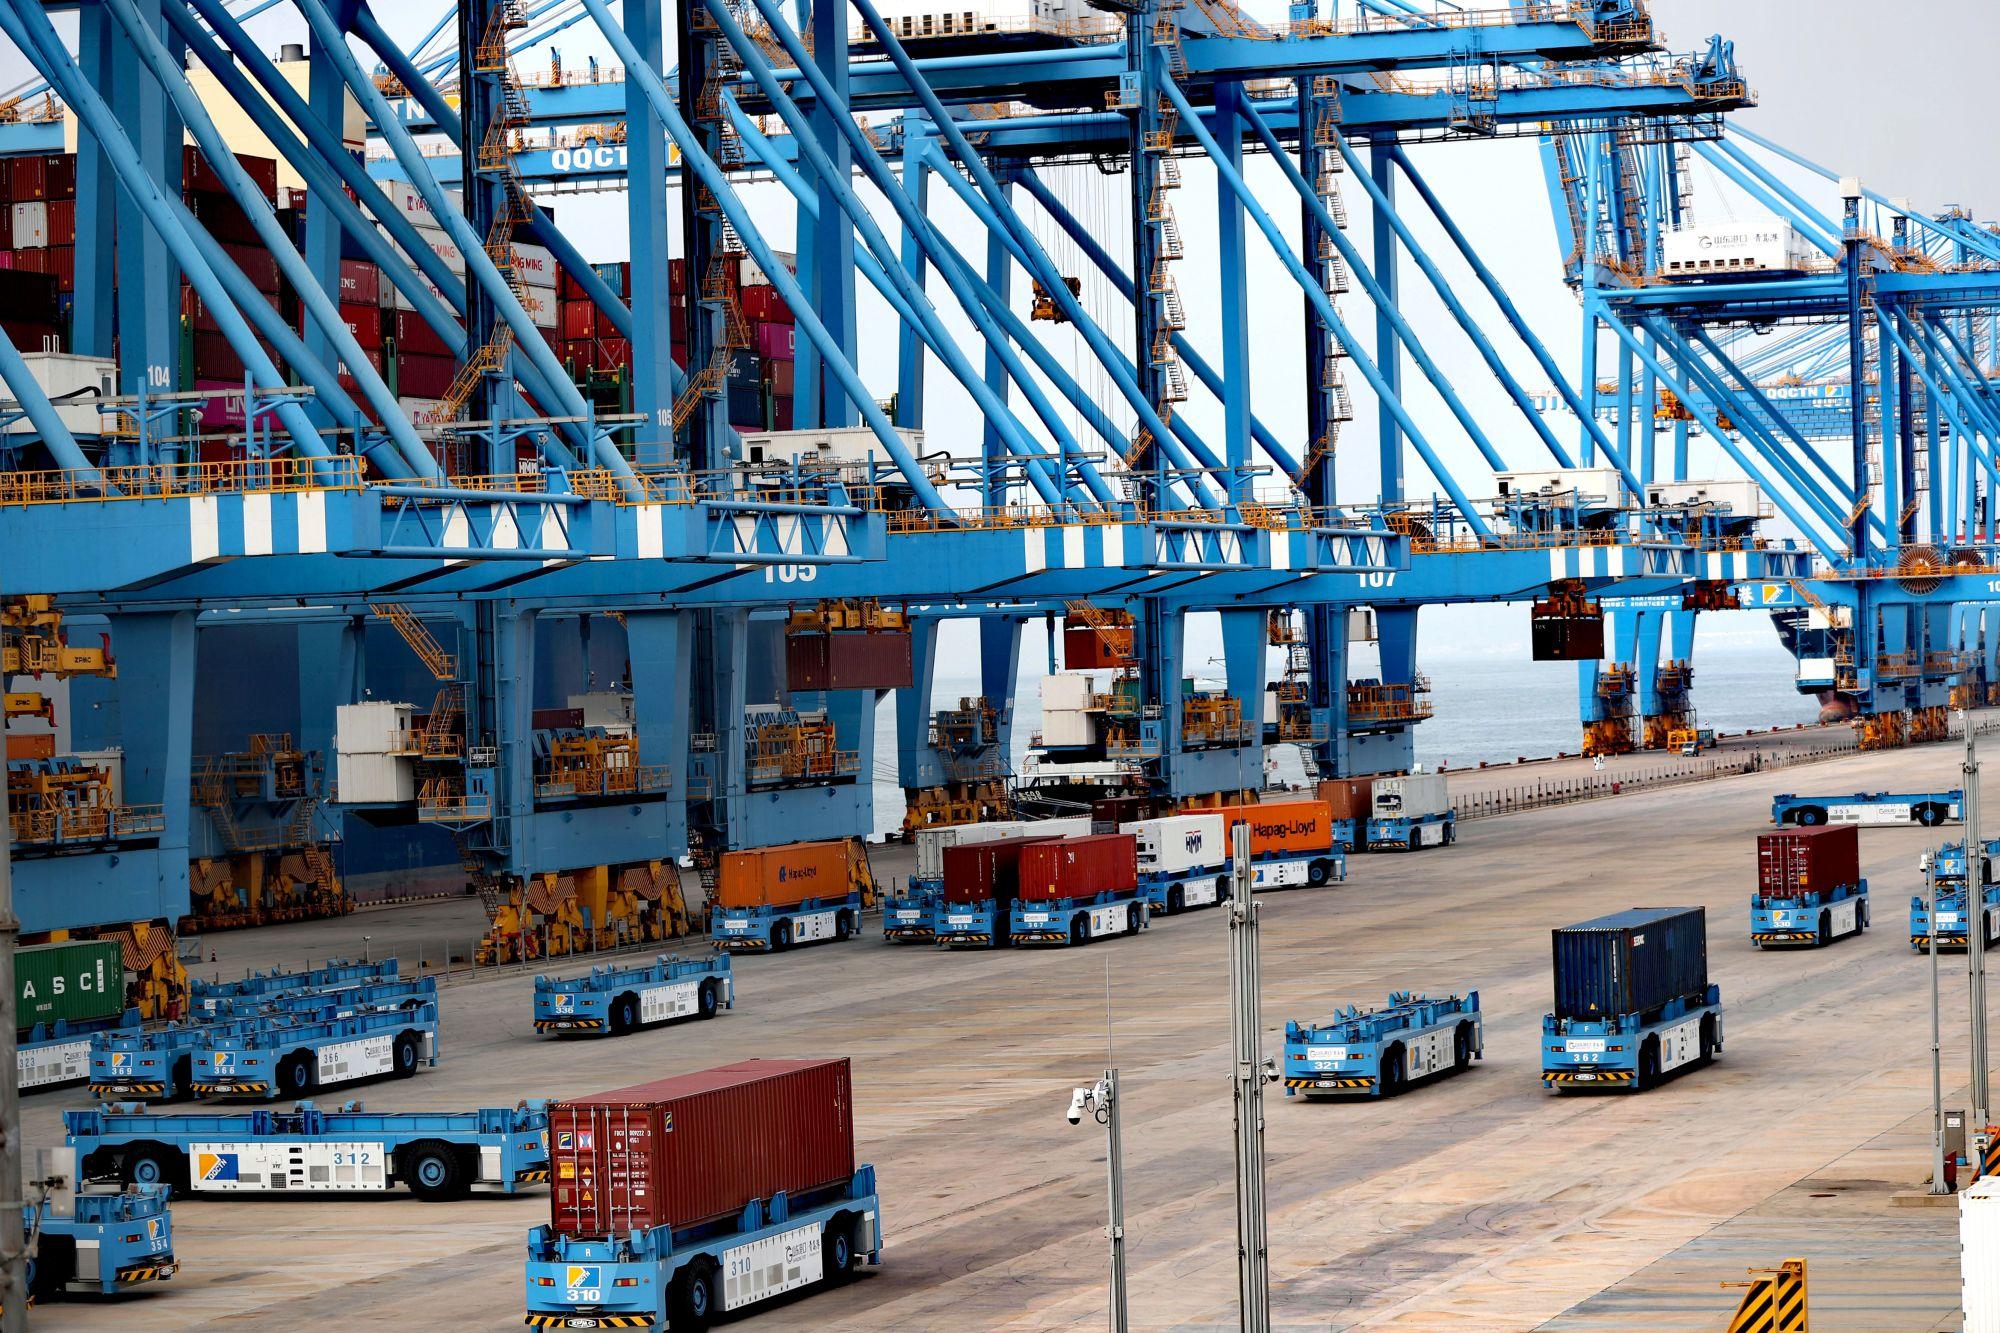 青岛港港口自动化刷新世界新纪录